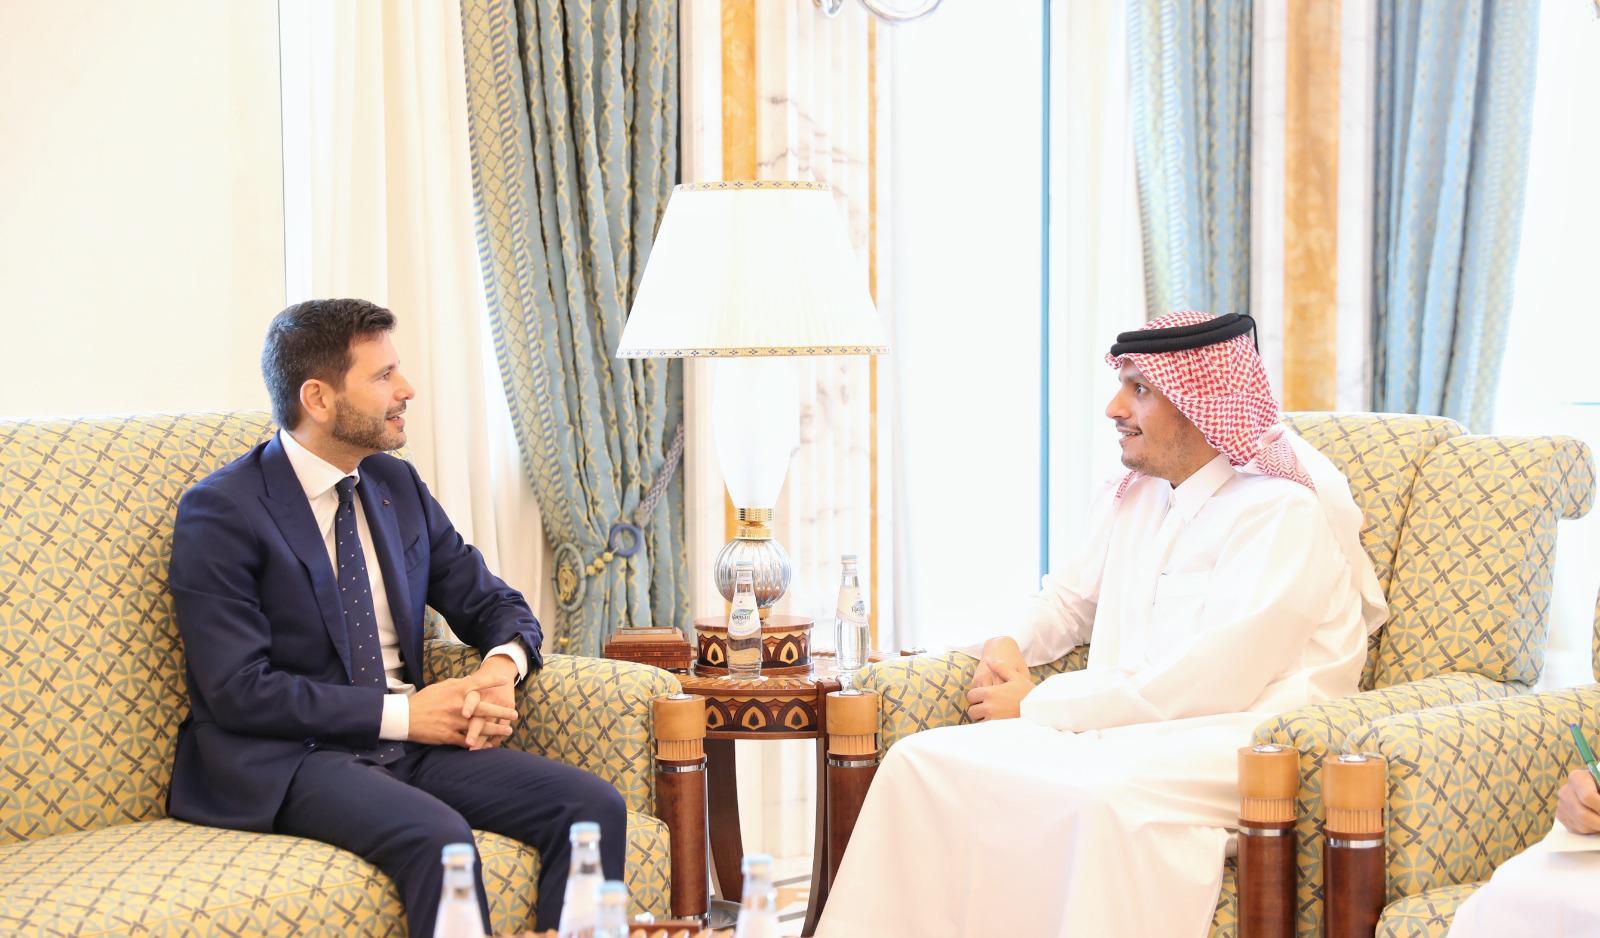 نائب رئيس مجلس الوزراء وزير الخارجية يجتمع مع السفير الإيطالي